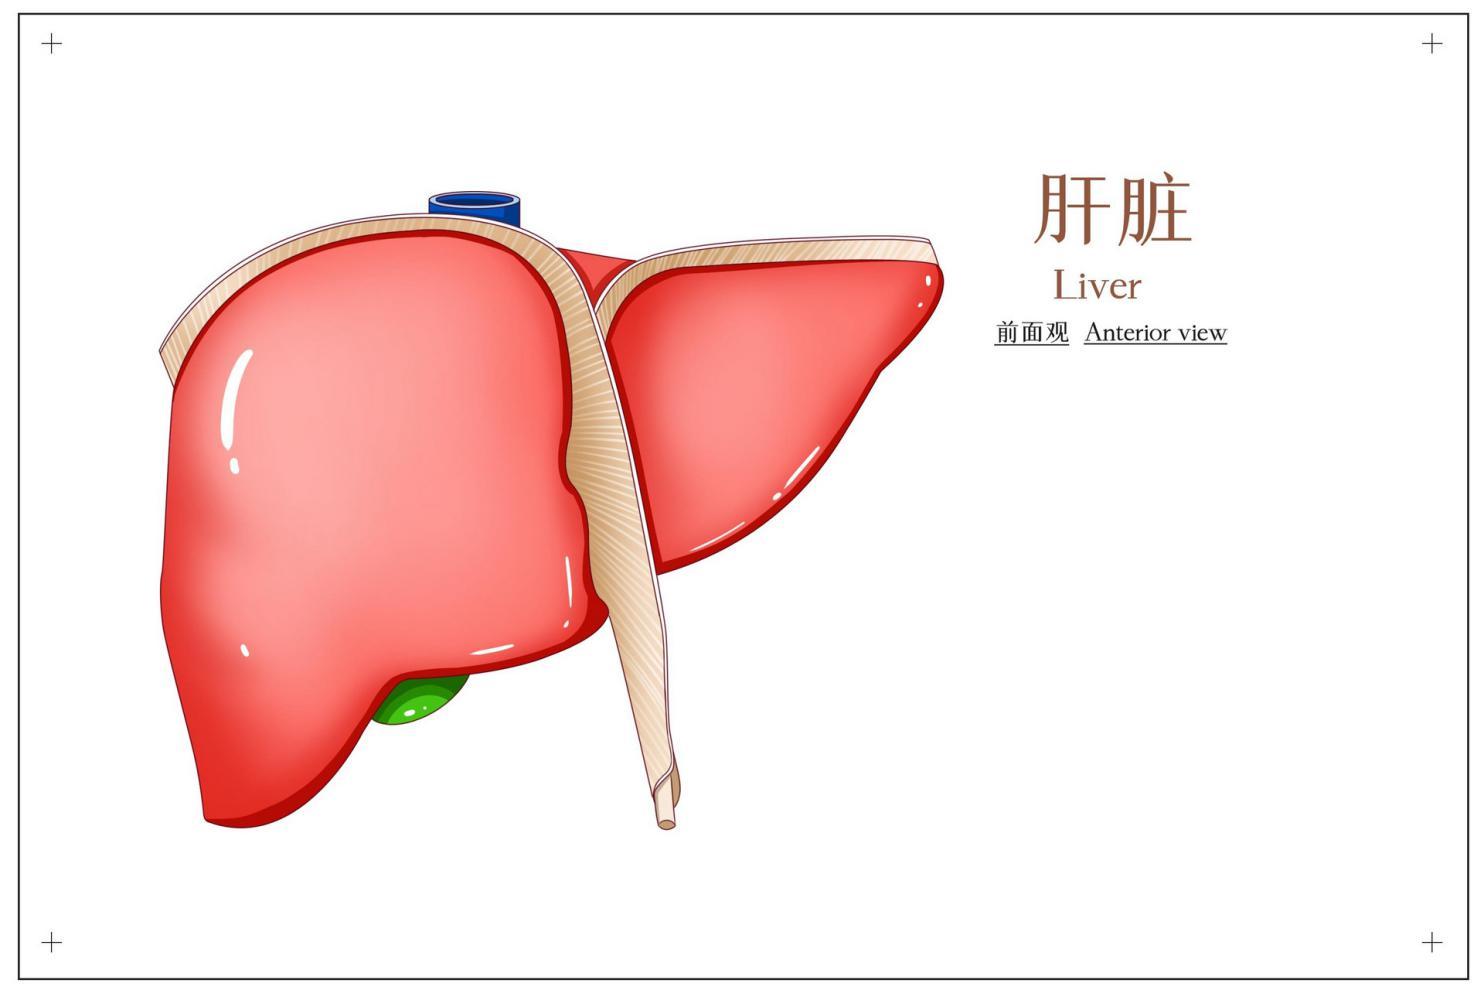 摄图网_401789417_banner_肝脏前面观医疗插画(非企业商用)